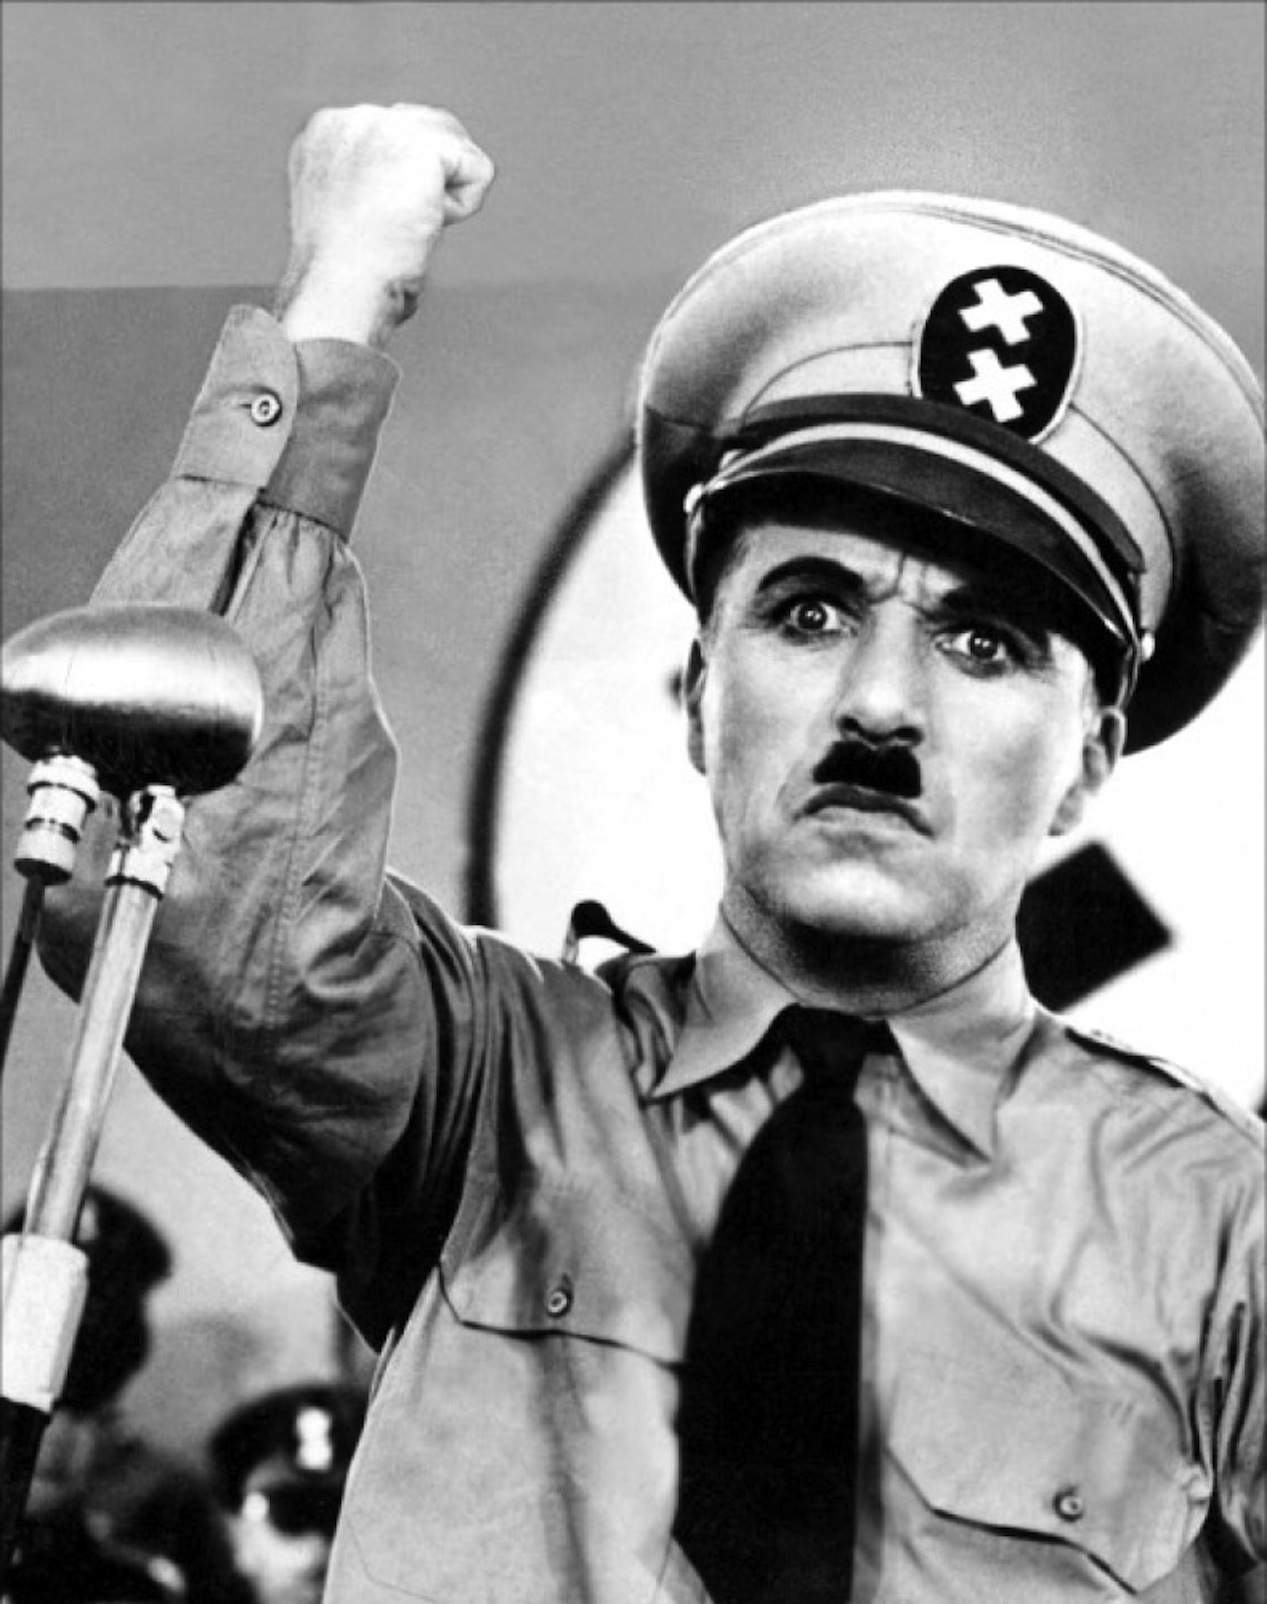 Film : Le dictateur, de Chaplin